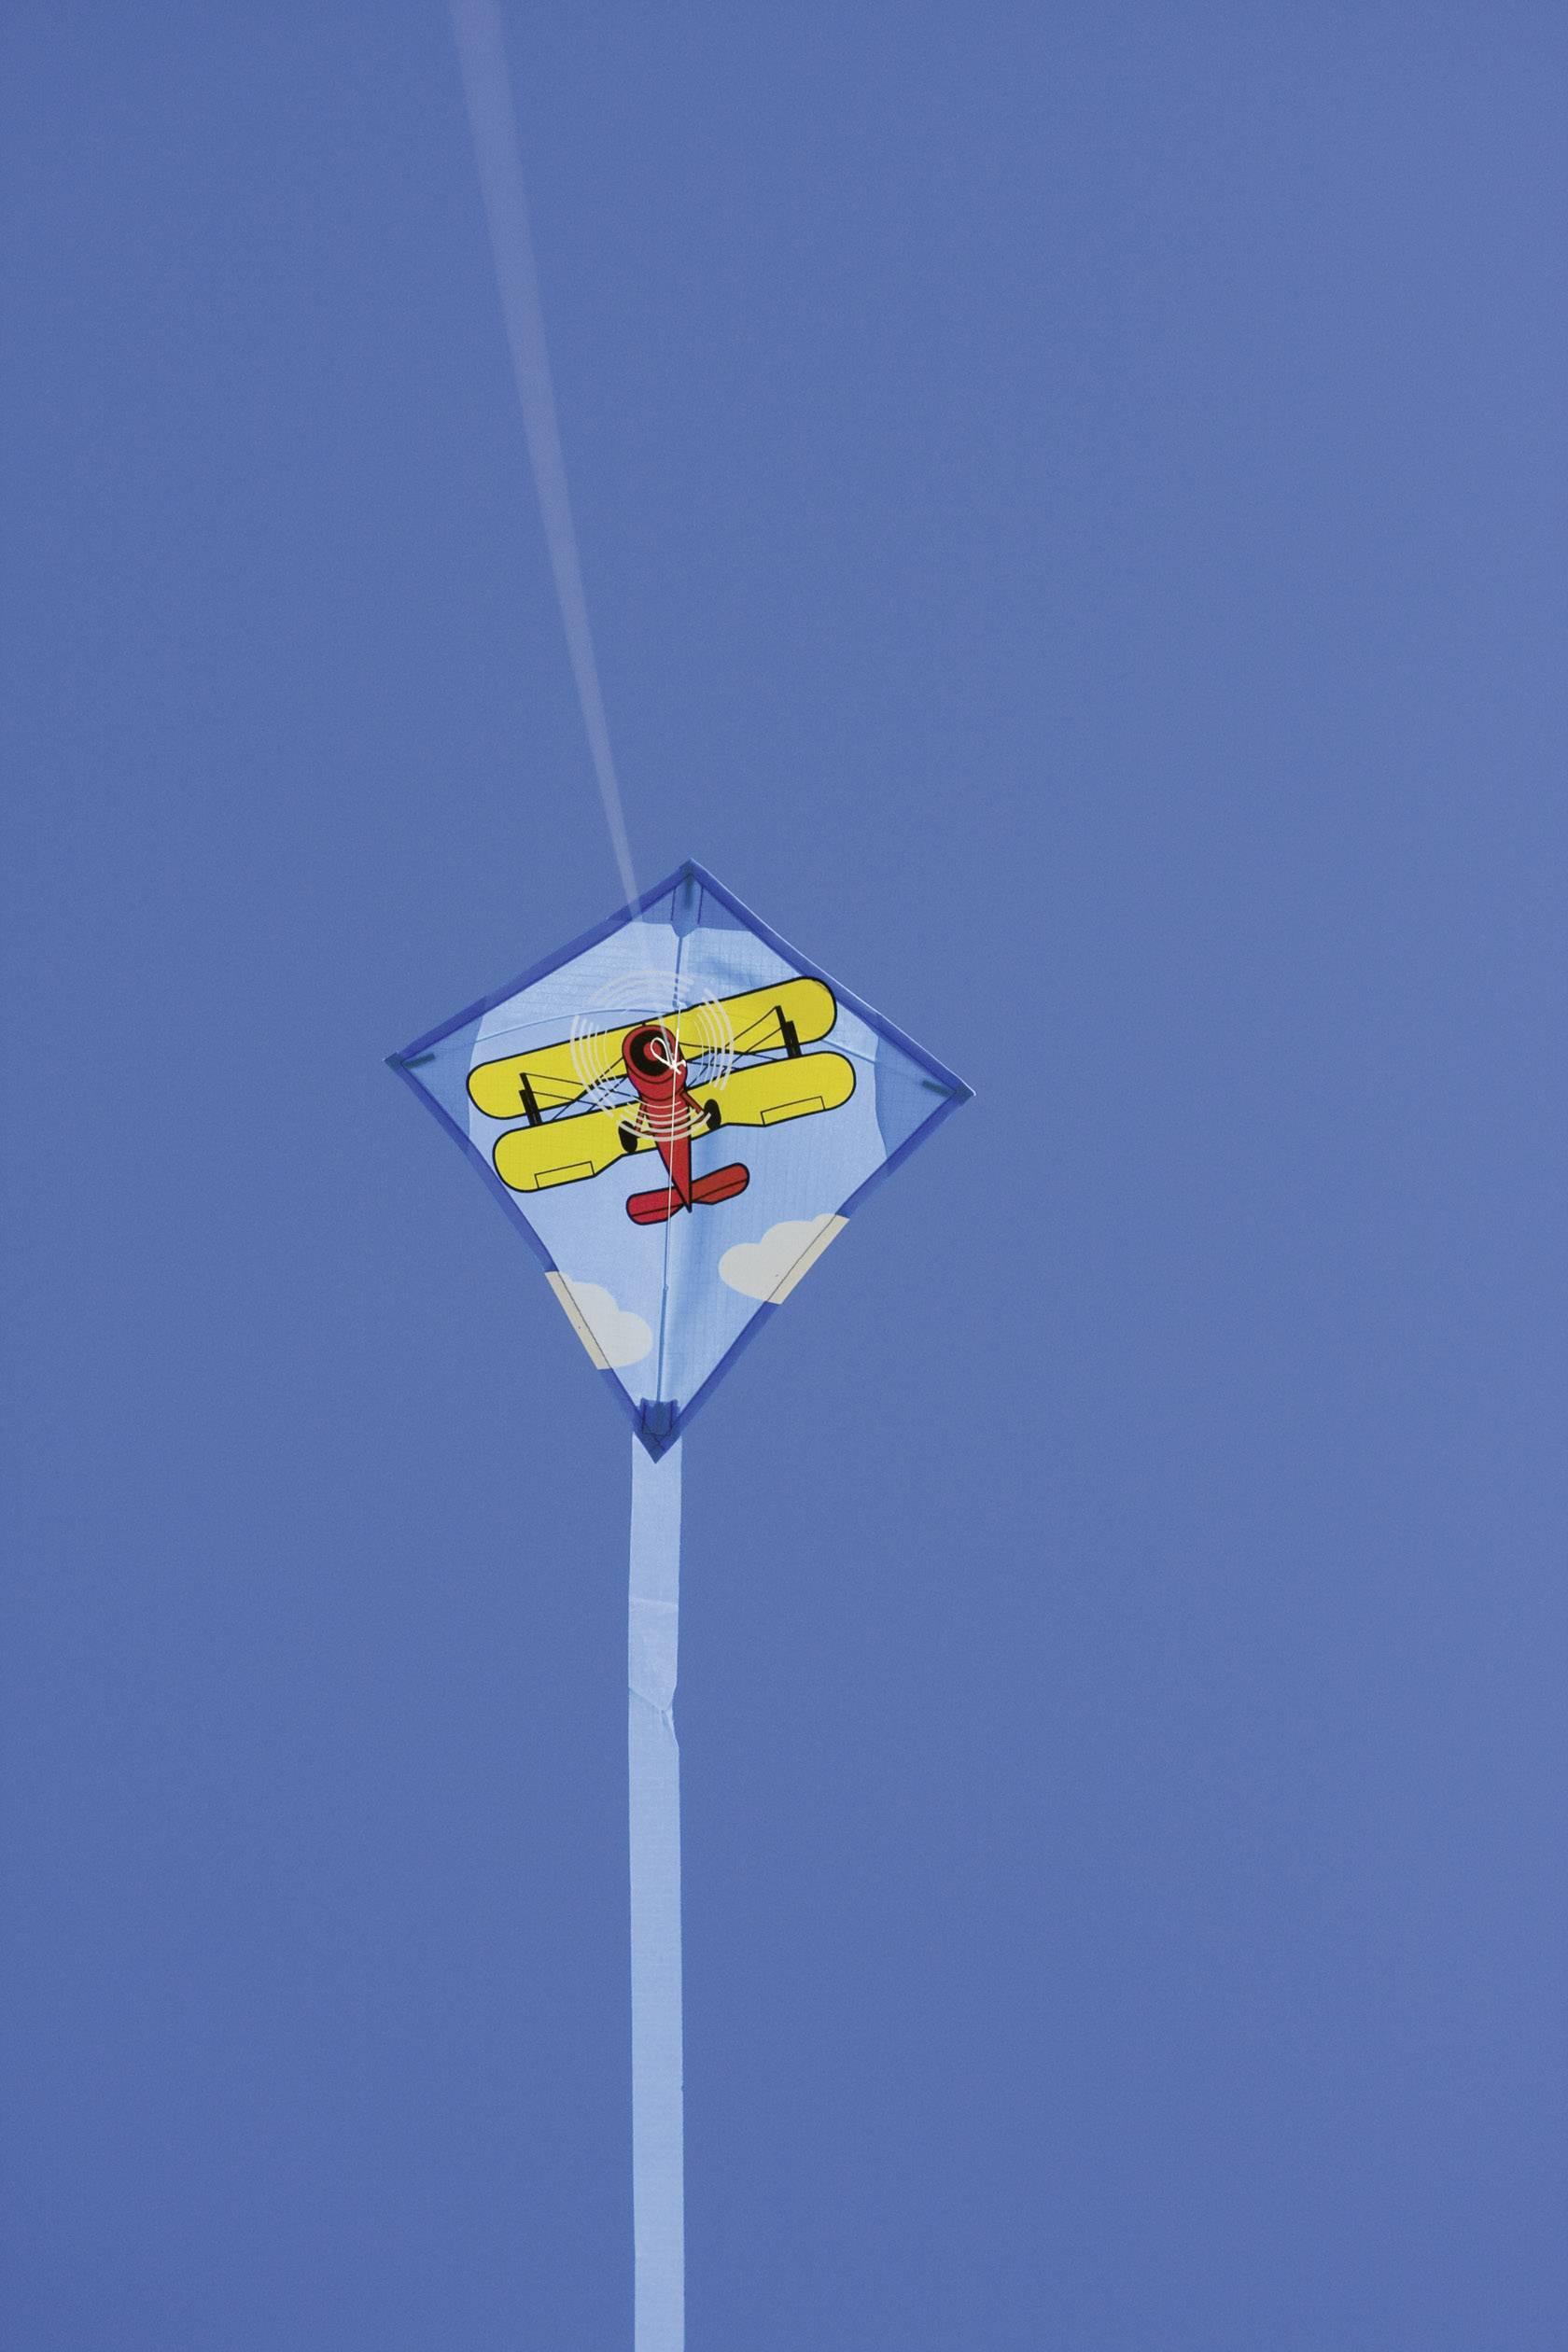 Šarkan pre začiatočníkov HQ Mini-Eddy Biplane, 300 mm